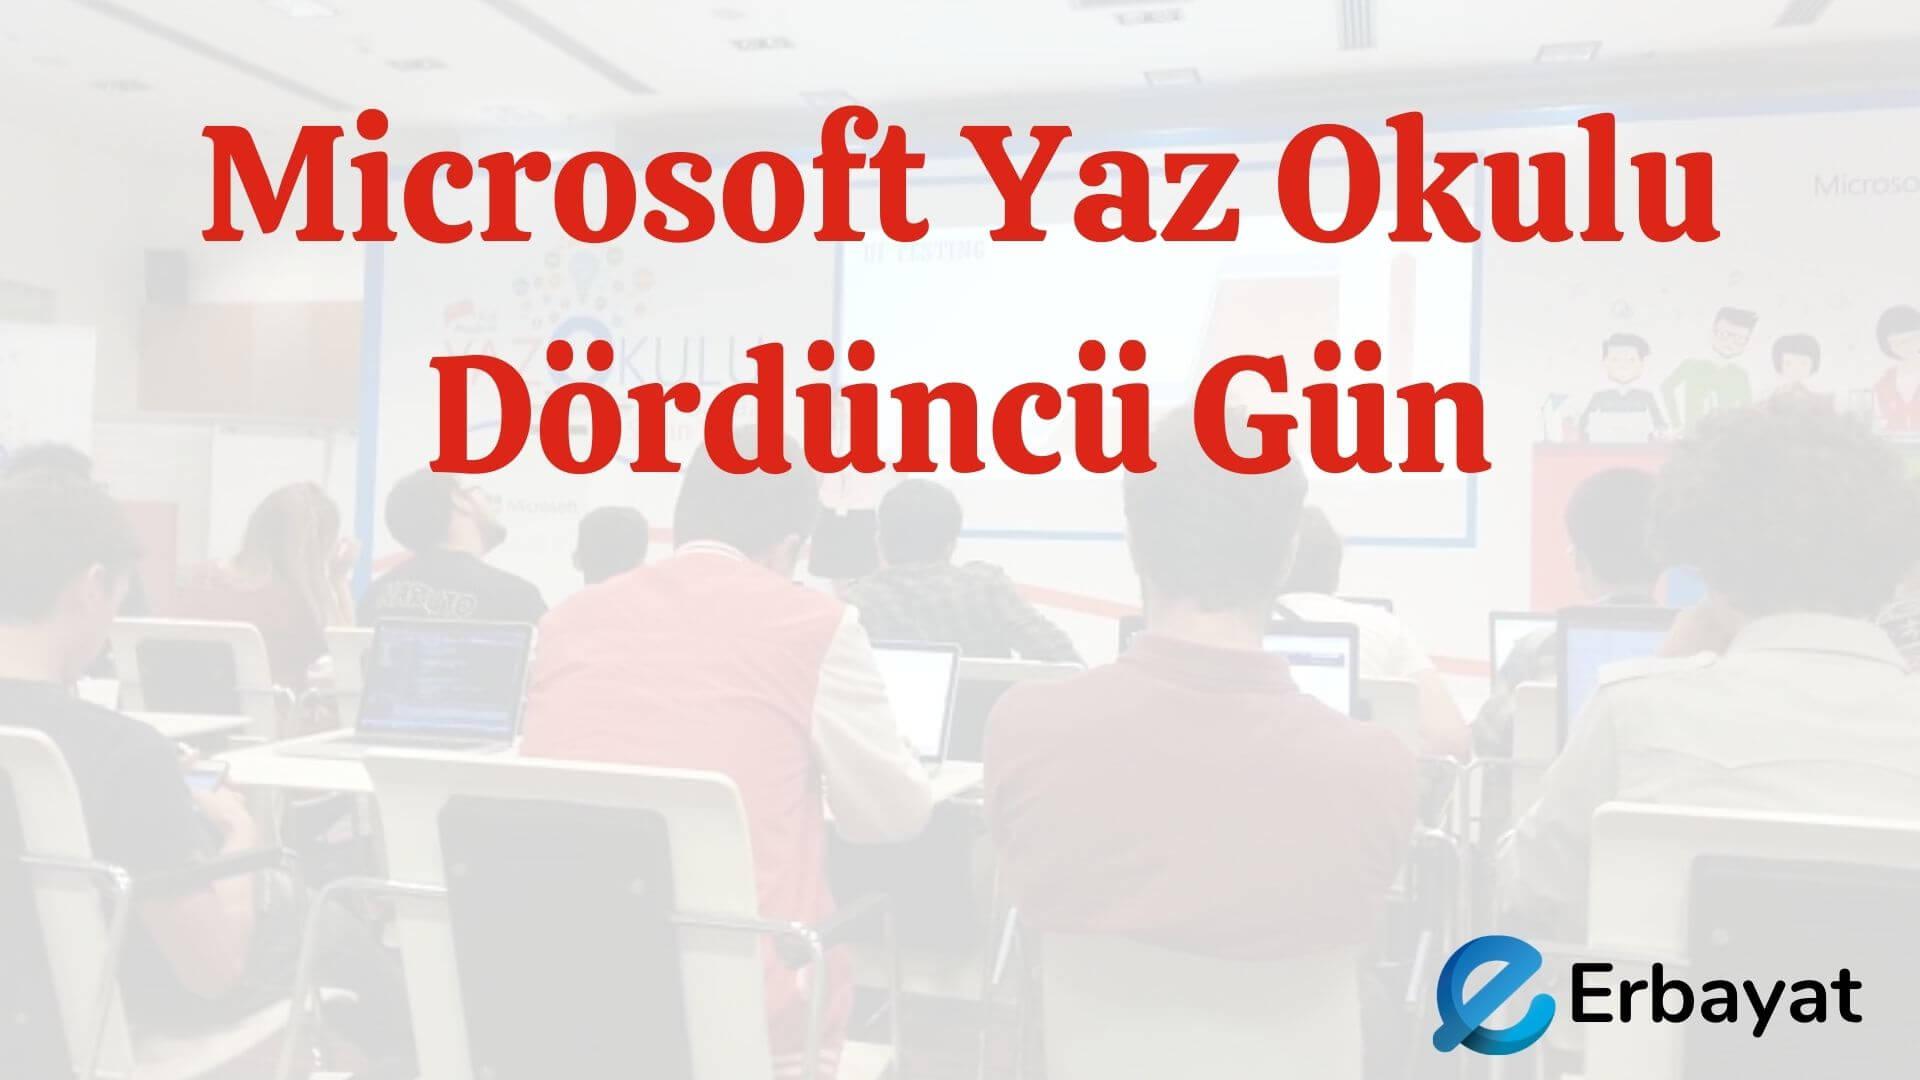 Microsoft Yaz Okulu Dördüncü Gün